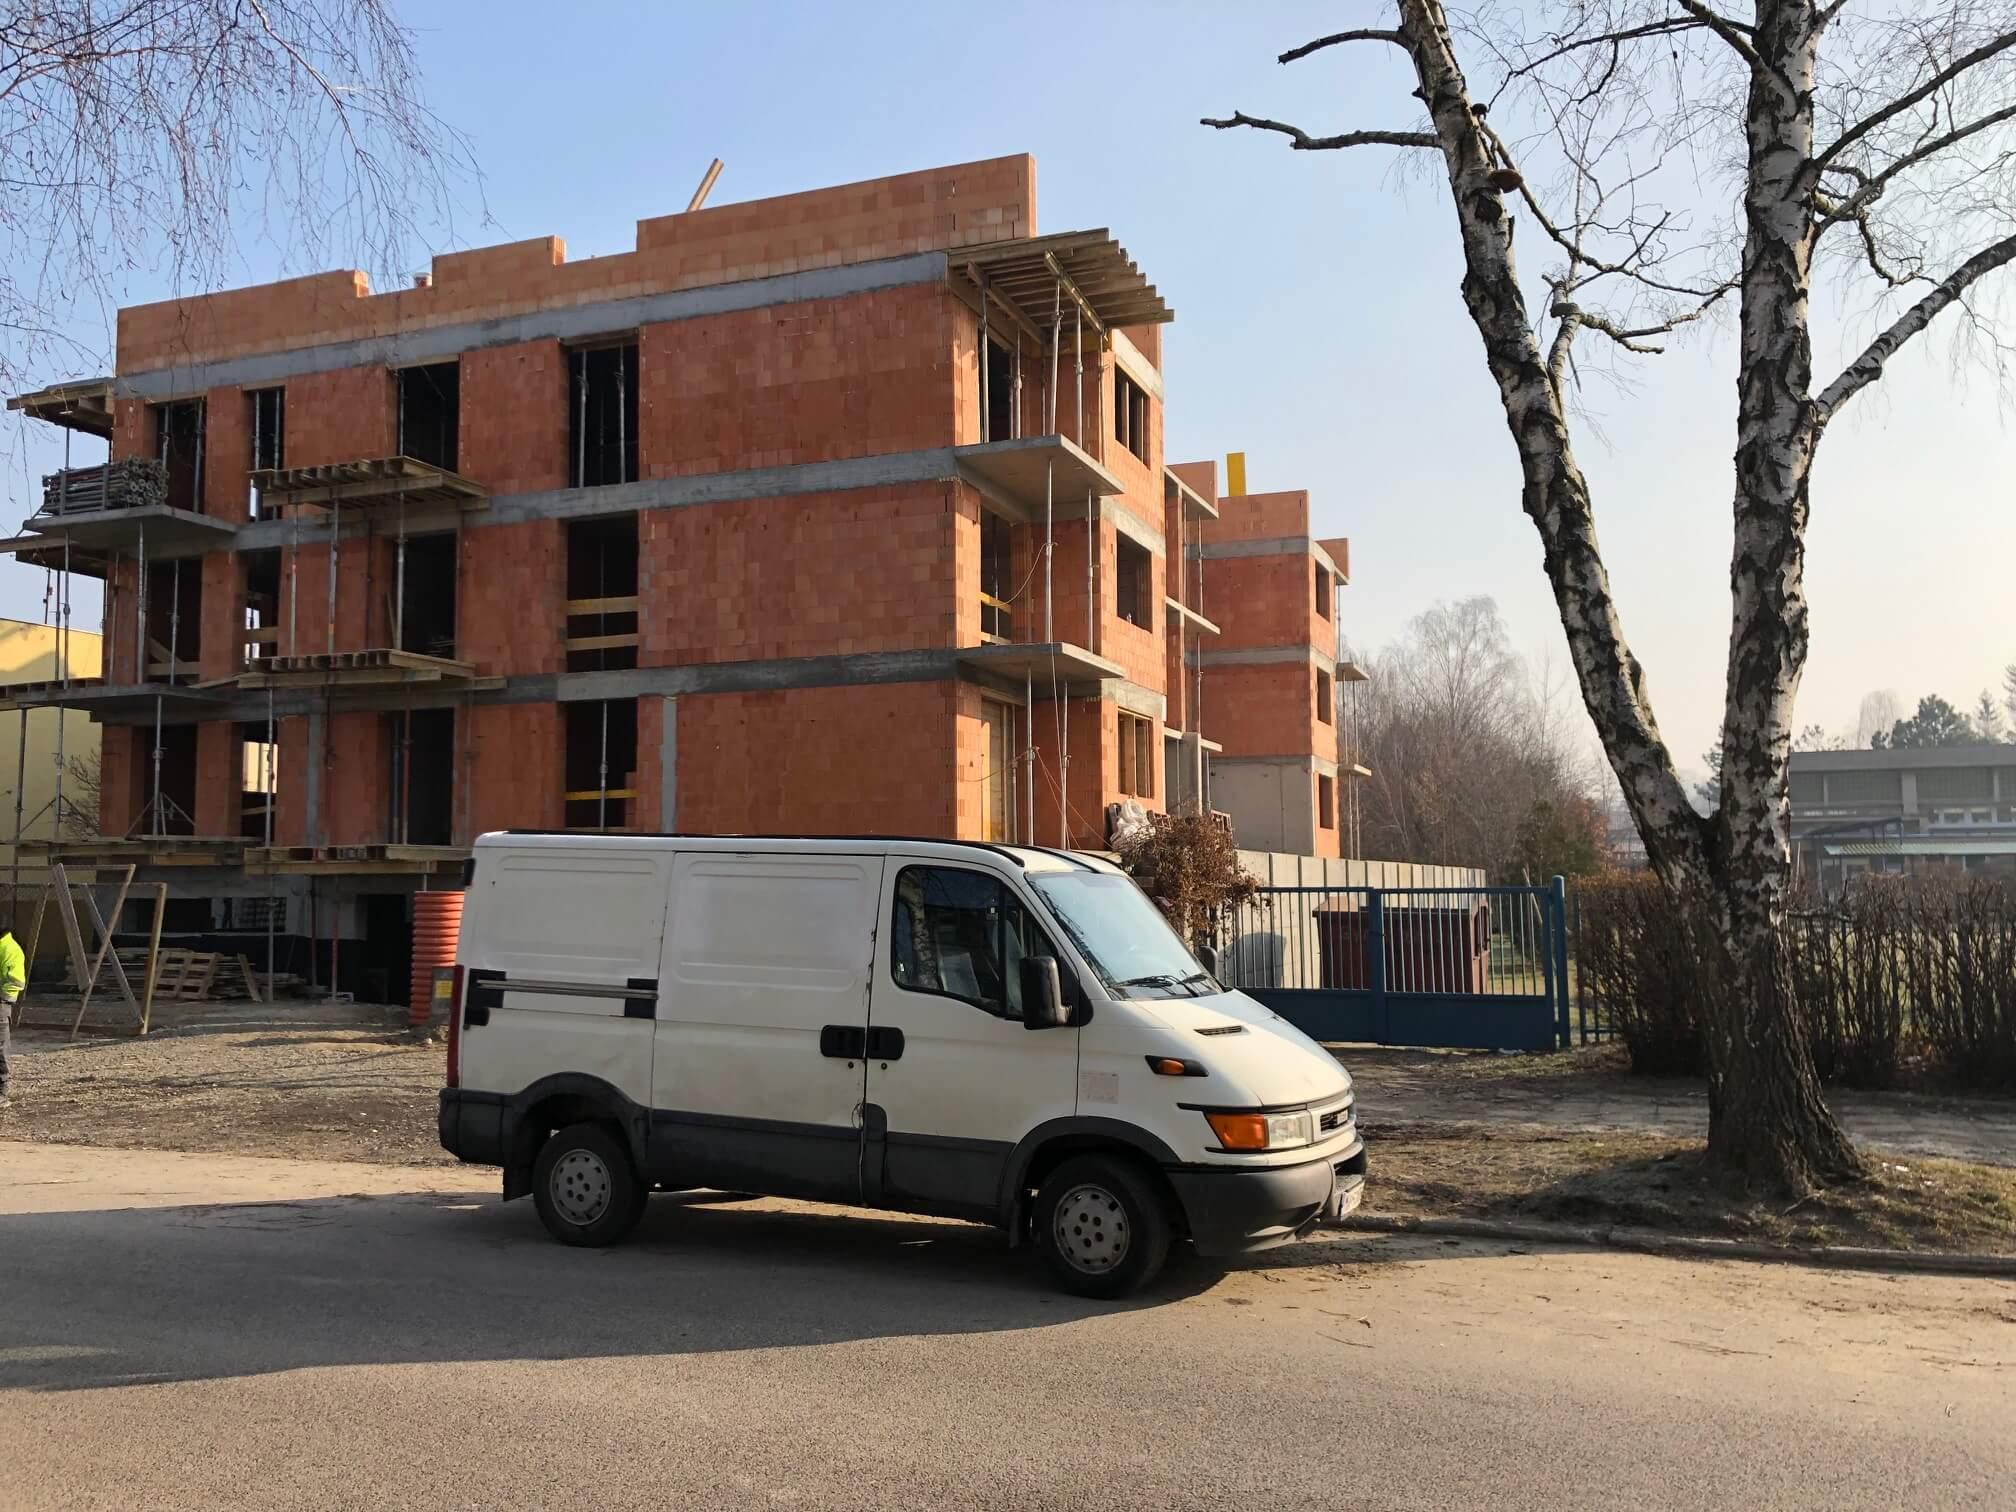 Predané: Novostavba 4 Izbový, M-House, Malacky centrum, 91,60m2, Loggia 15,29m2-19